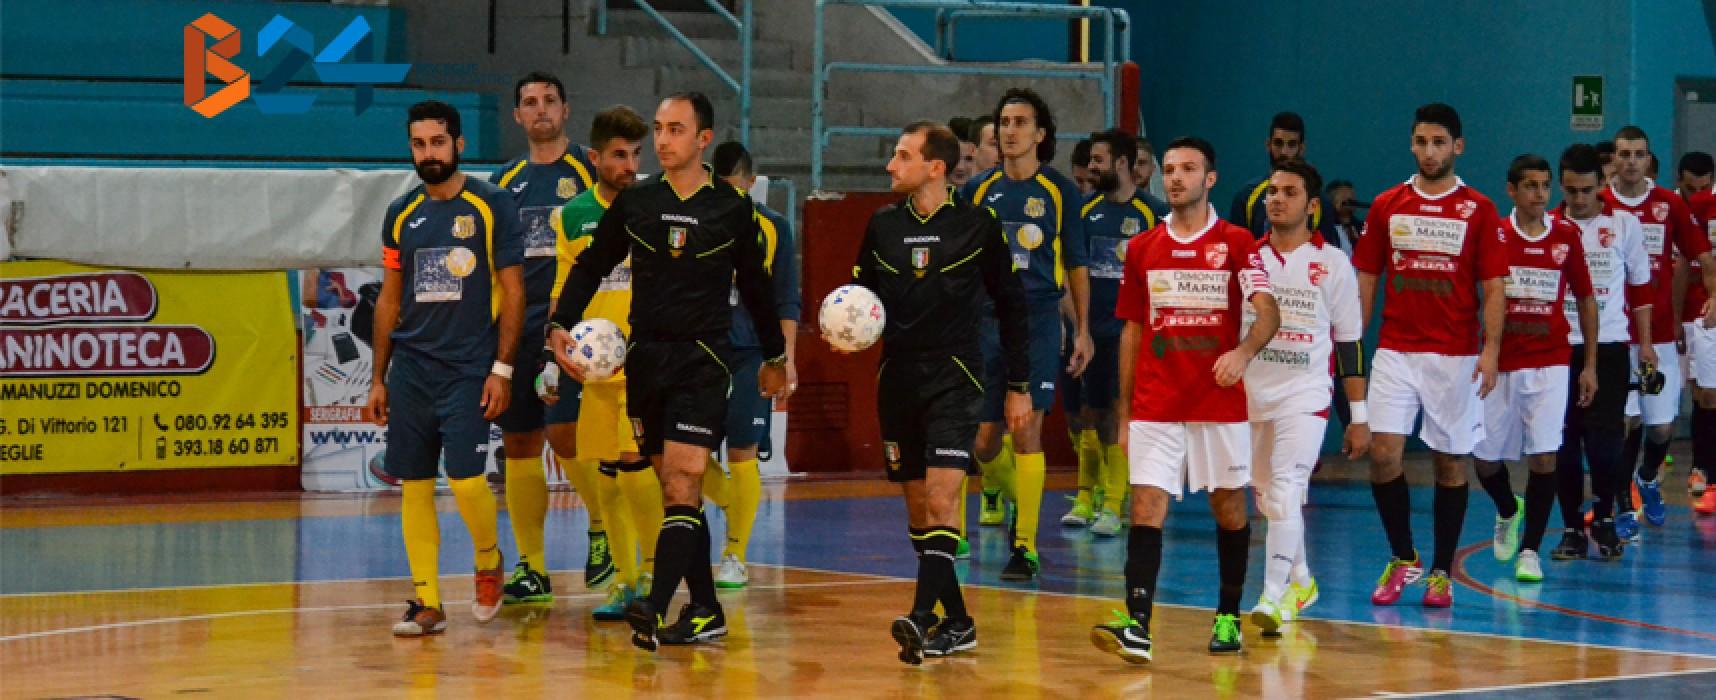 Sabato torna la C1 di calcio a 5, in campo Santos Club, Diaz e Nettuno / CLASSIFICA